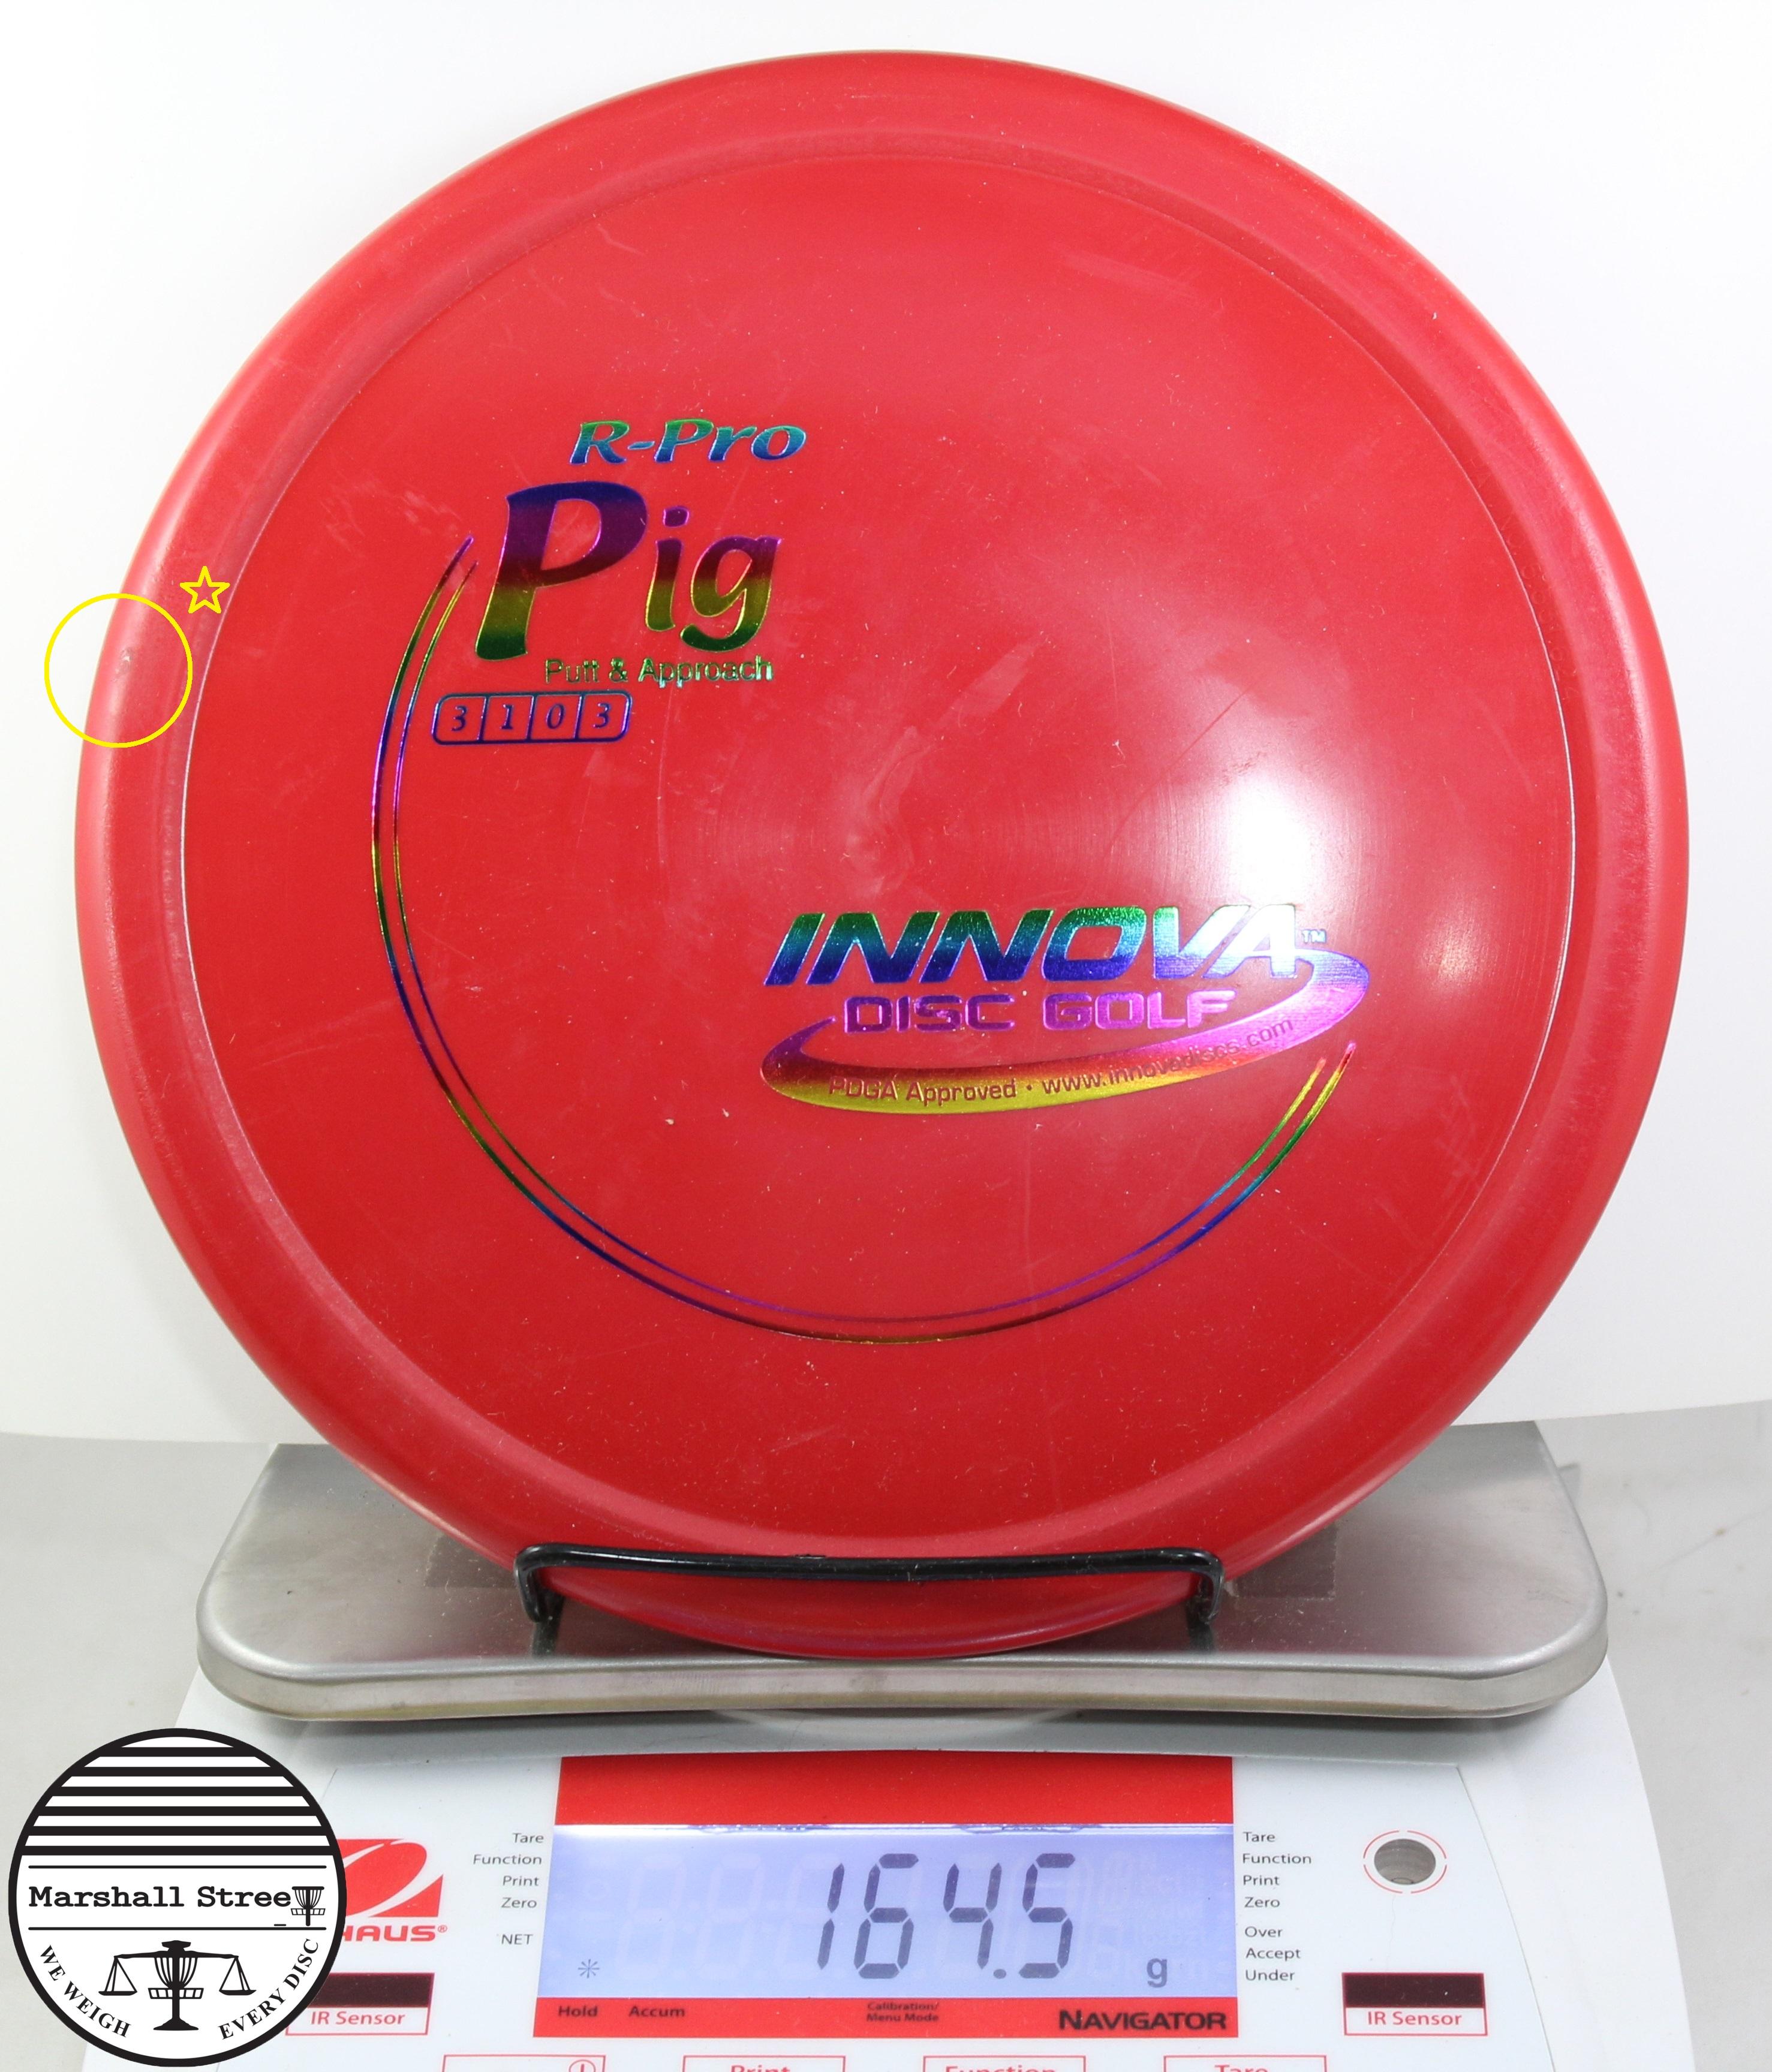 R-Pro Pig, Goobered